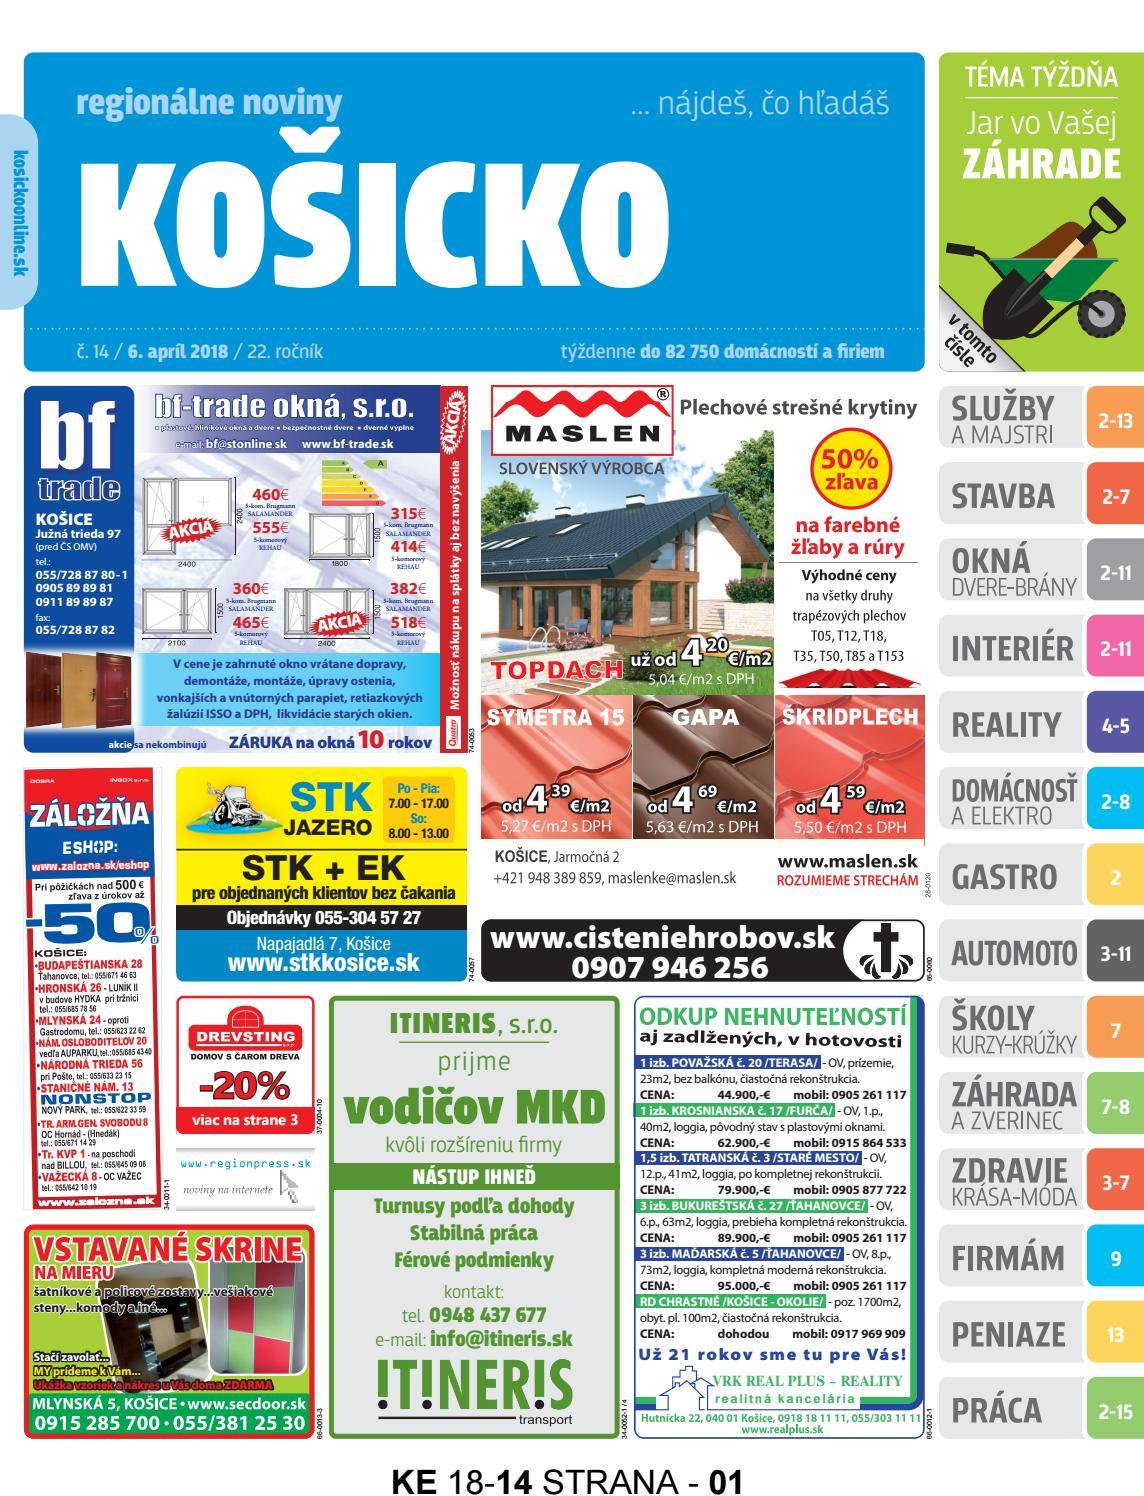 Lexal.nl Zoznamka stránky